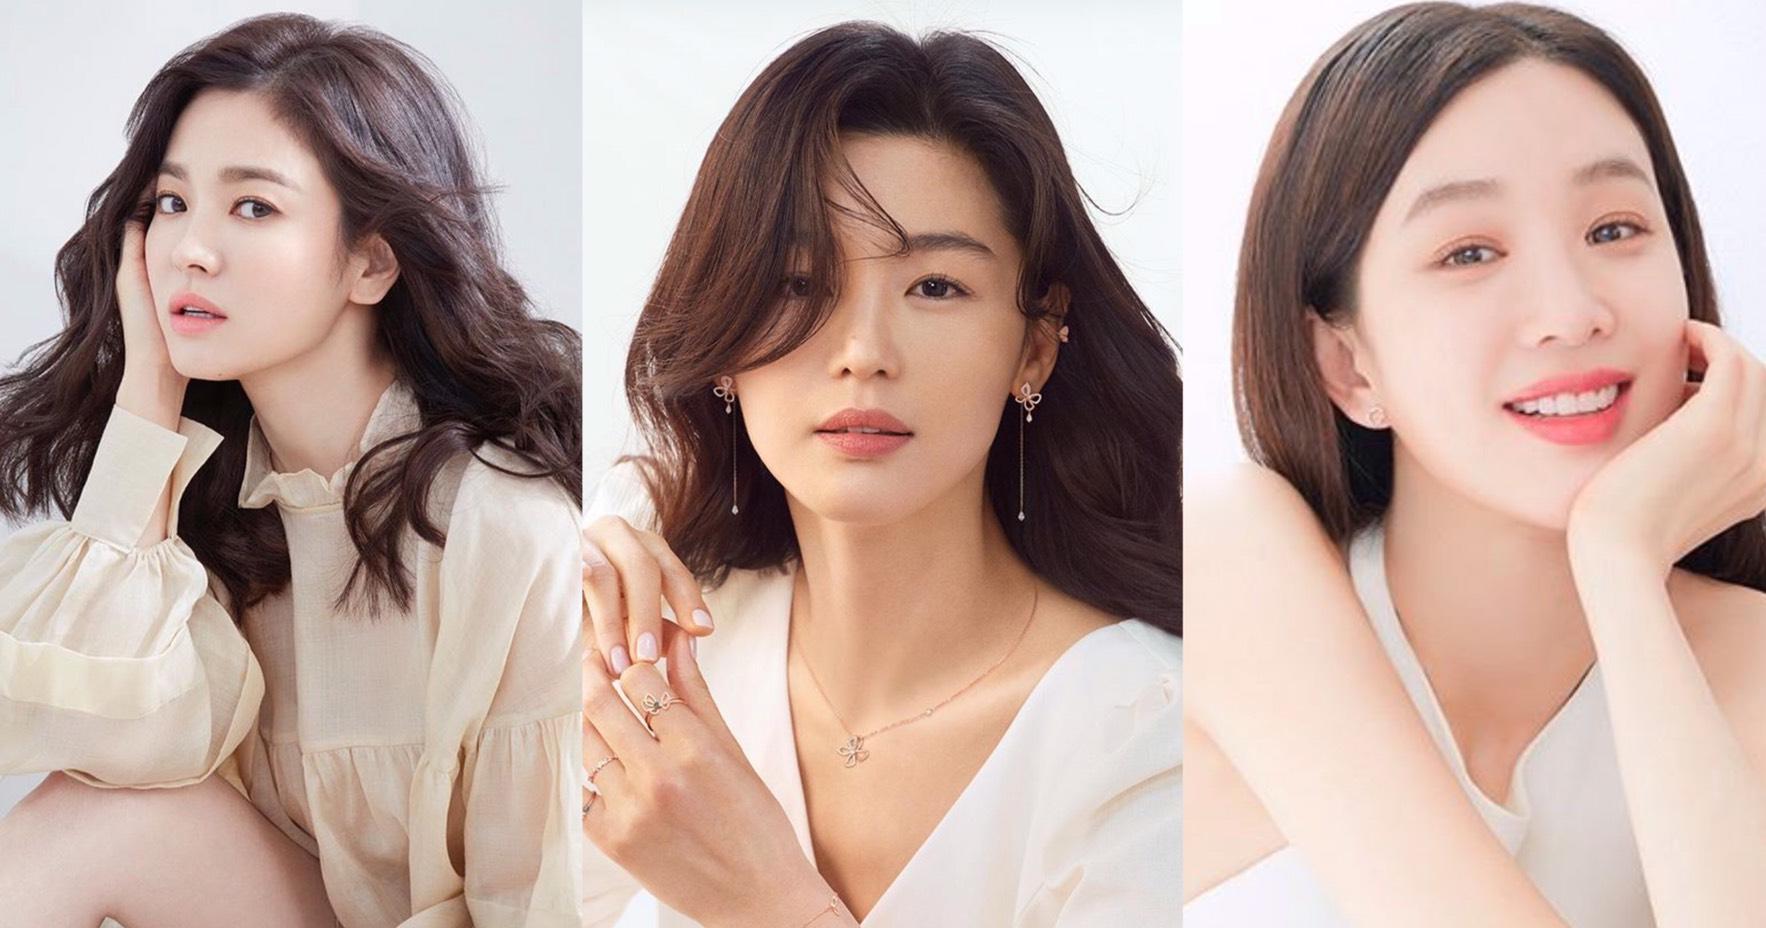 盤點5位即將滿40+的韓劇大勢女星!宋慧喬、全智賢、張娜拉防腐顏值、零贅肉,網友:真的是《漂亮姐姐》